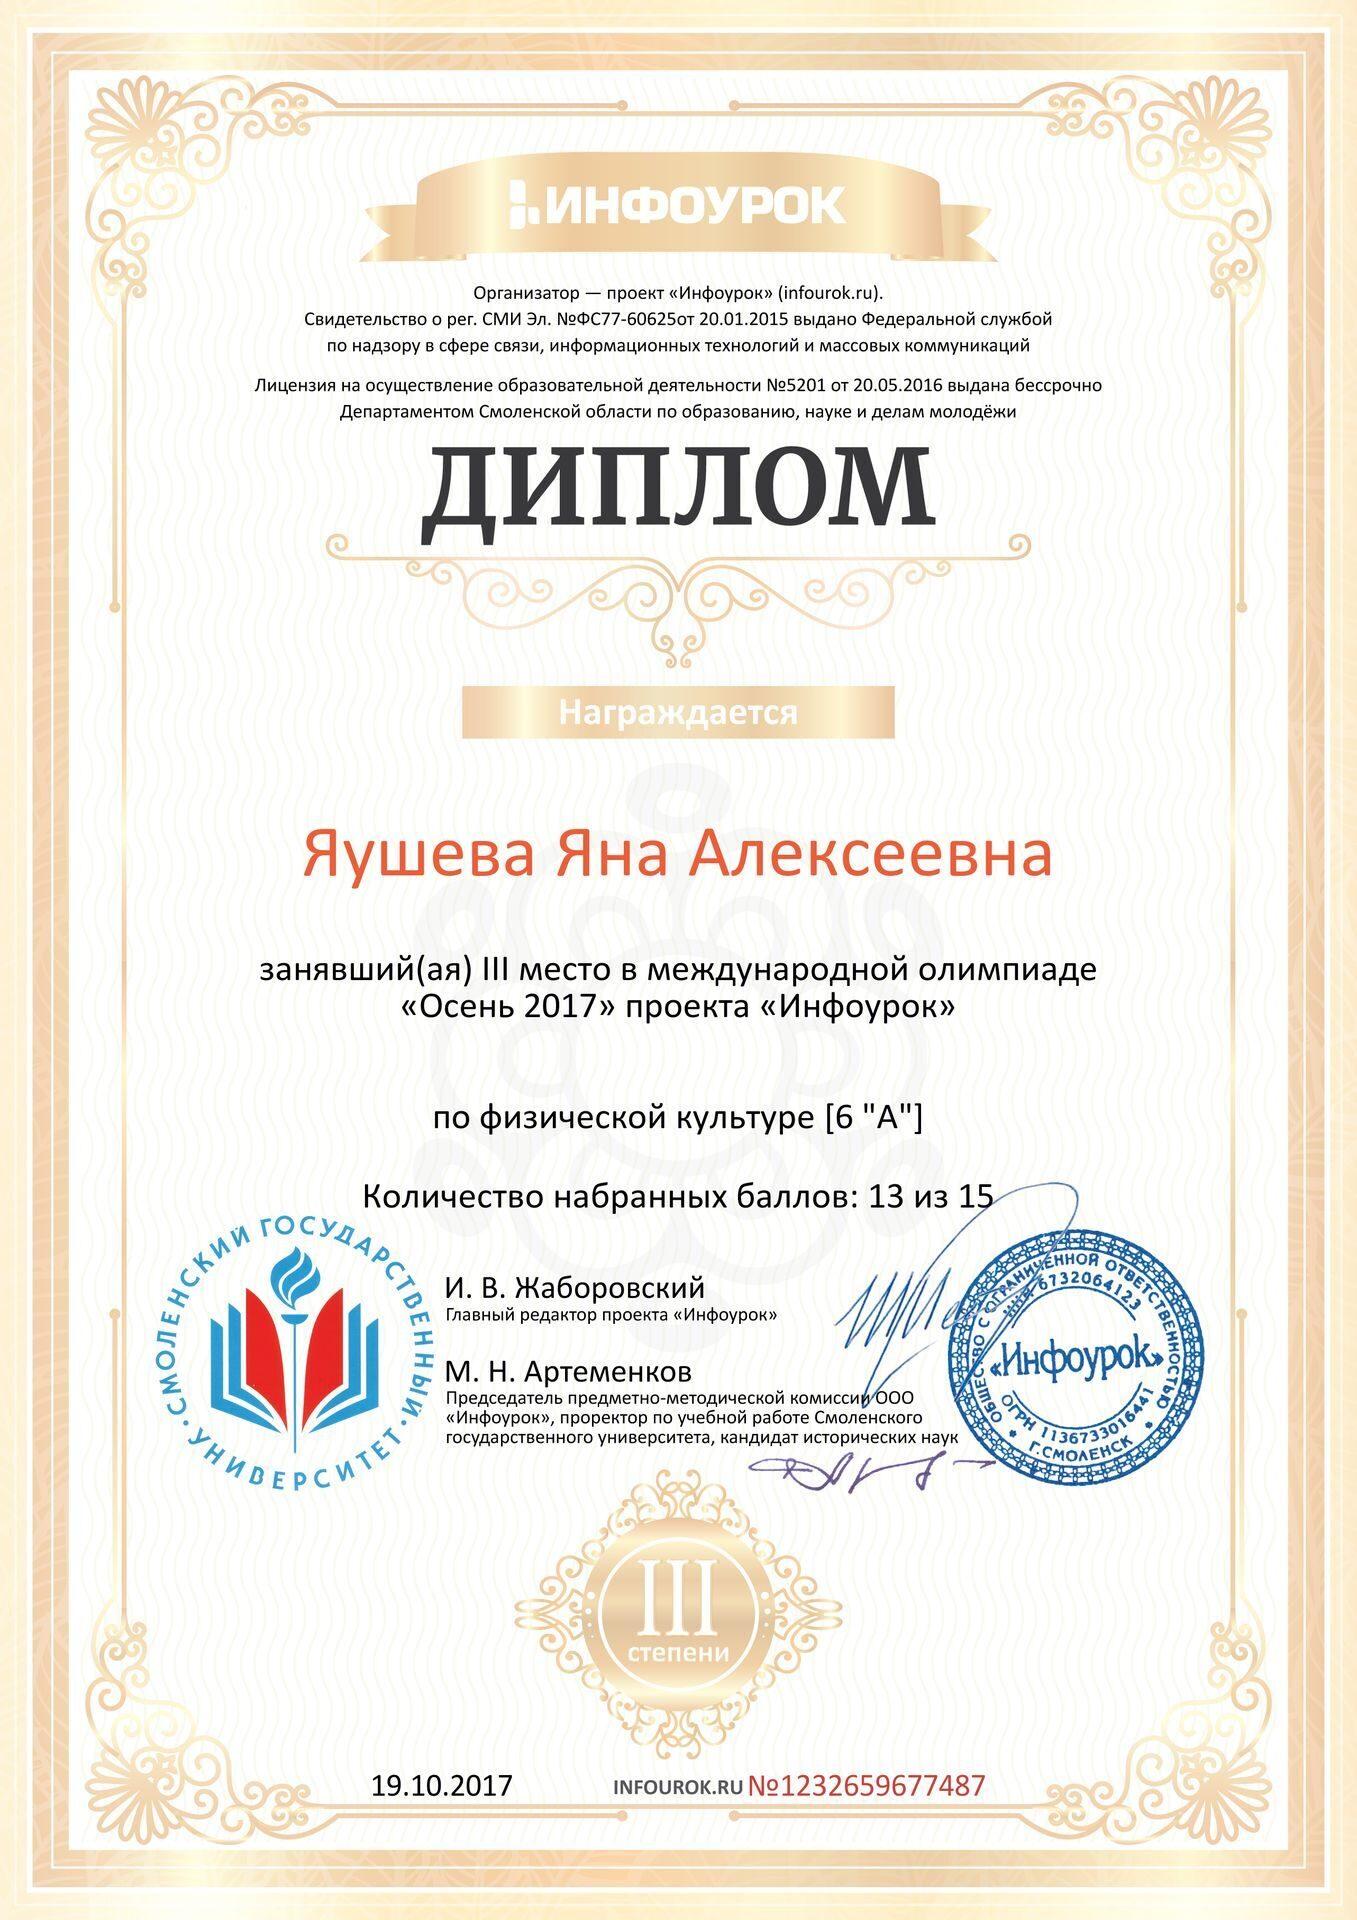 Спортивные состязания олимпиады соревнования Диплом проекта infourok ru Яушева